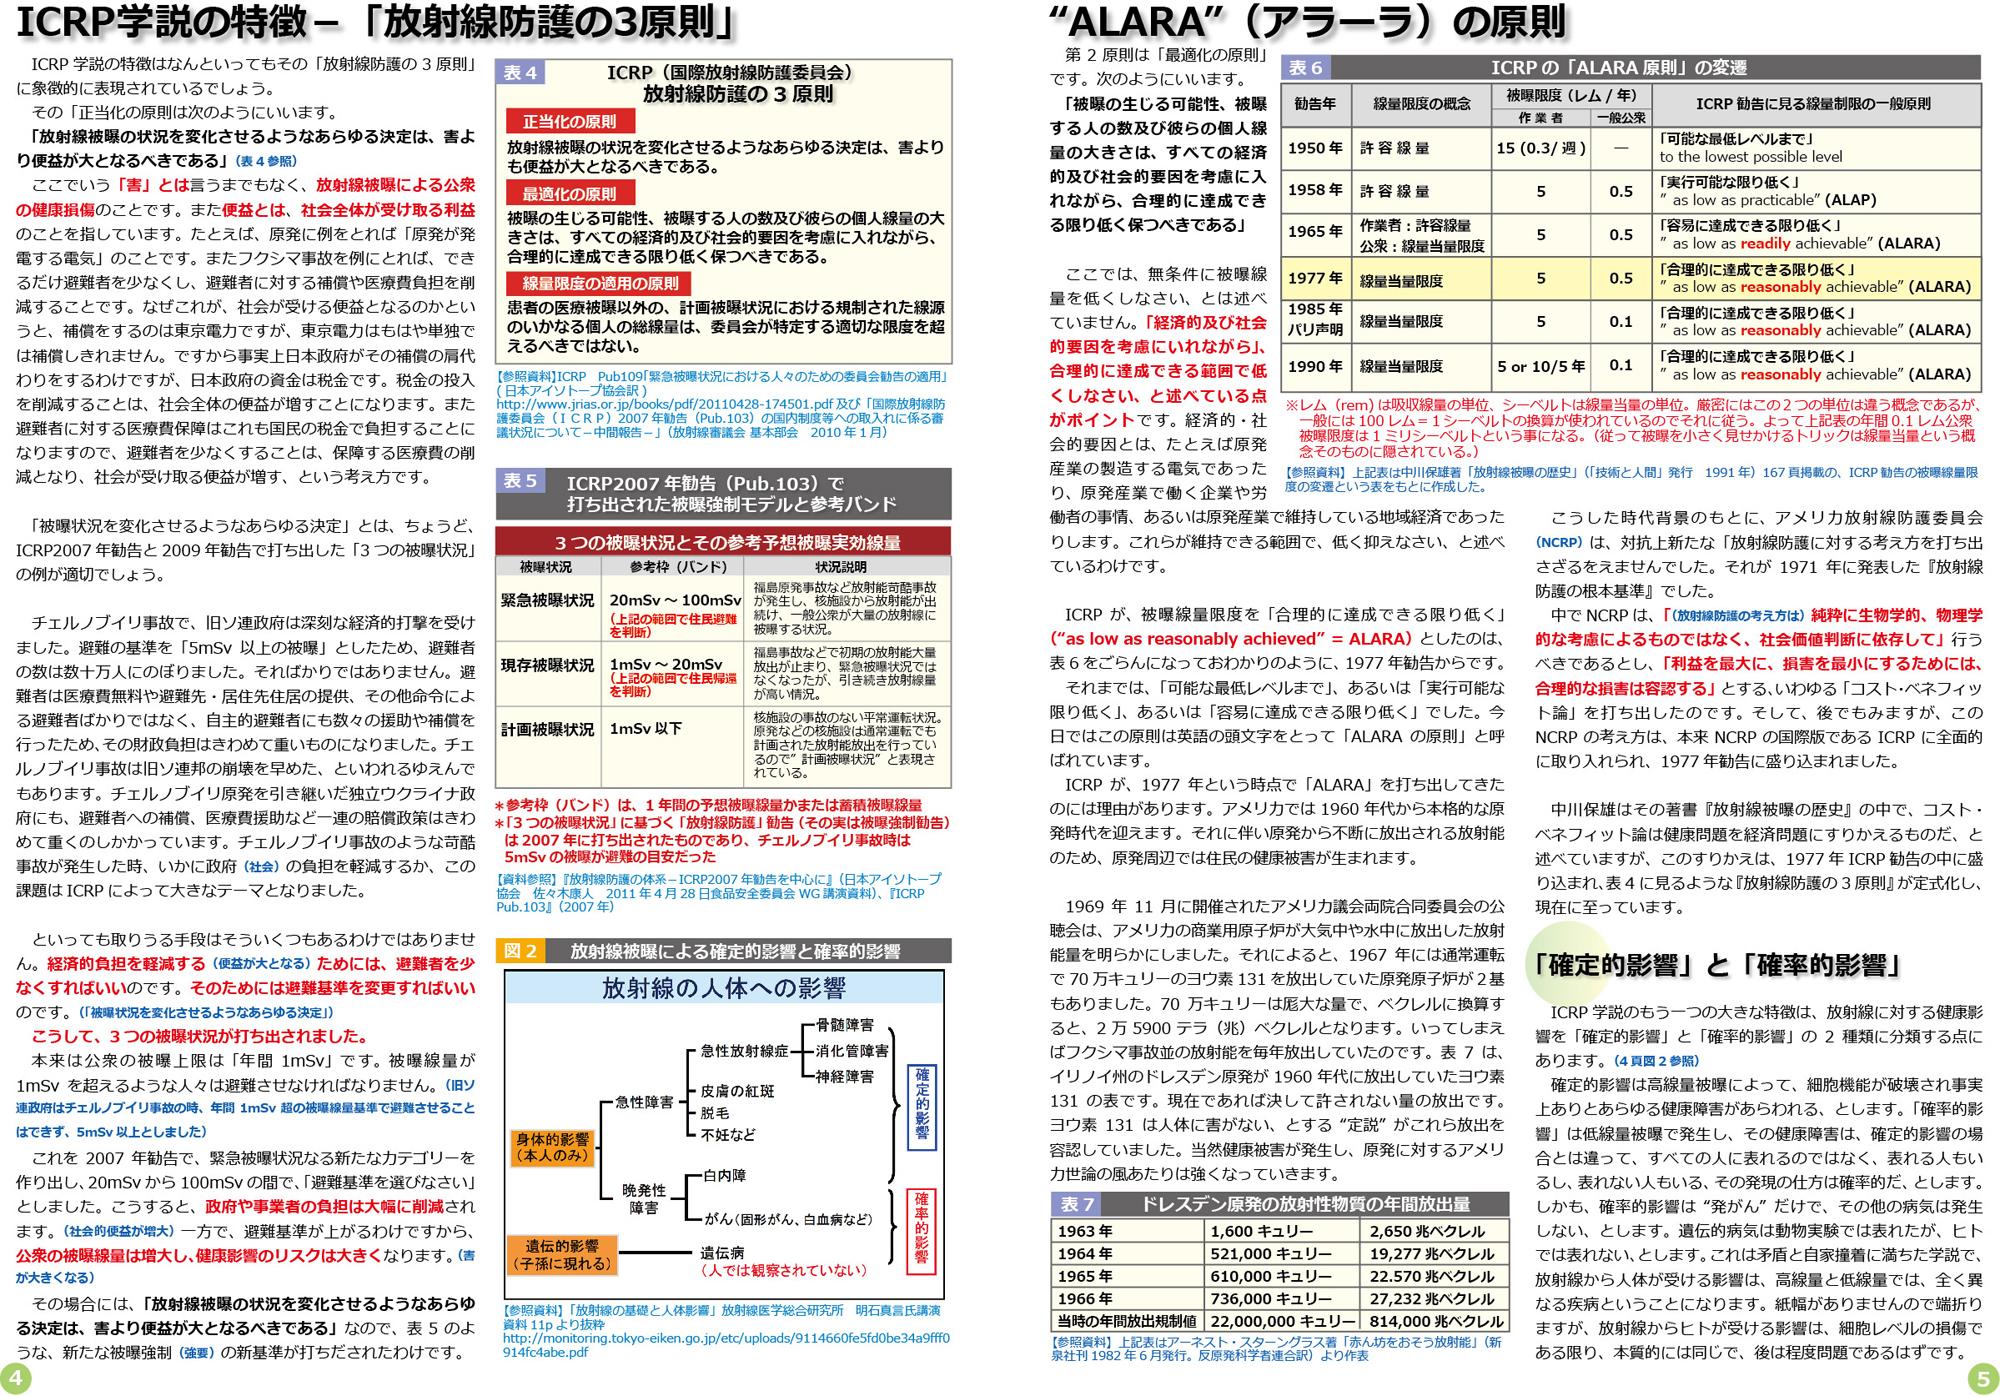 ファイル 418-3.jpg